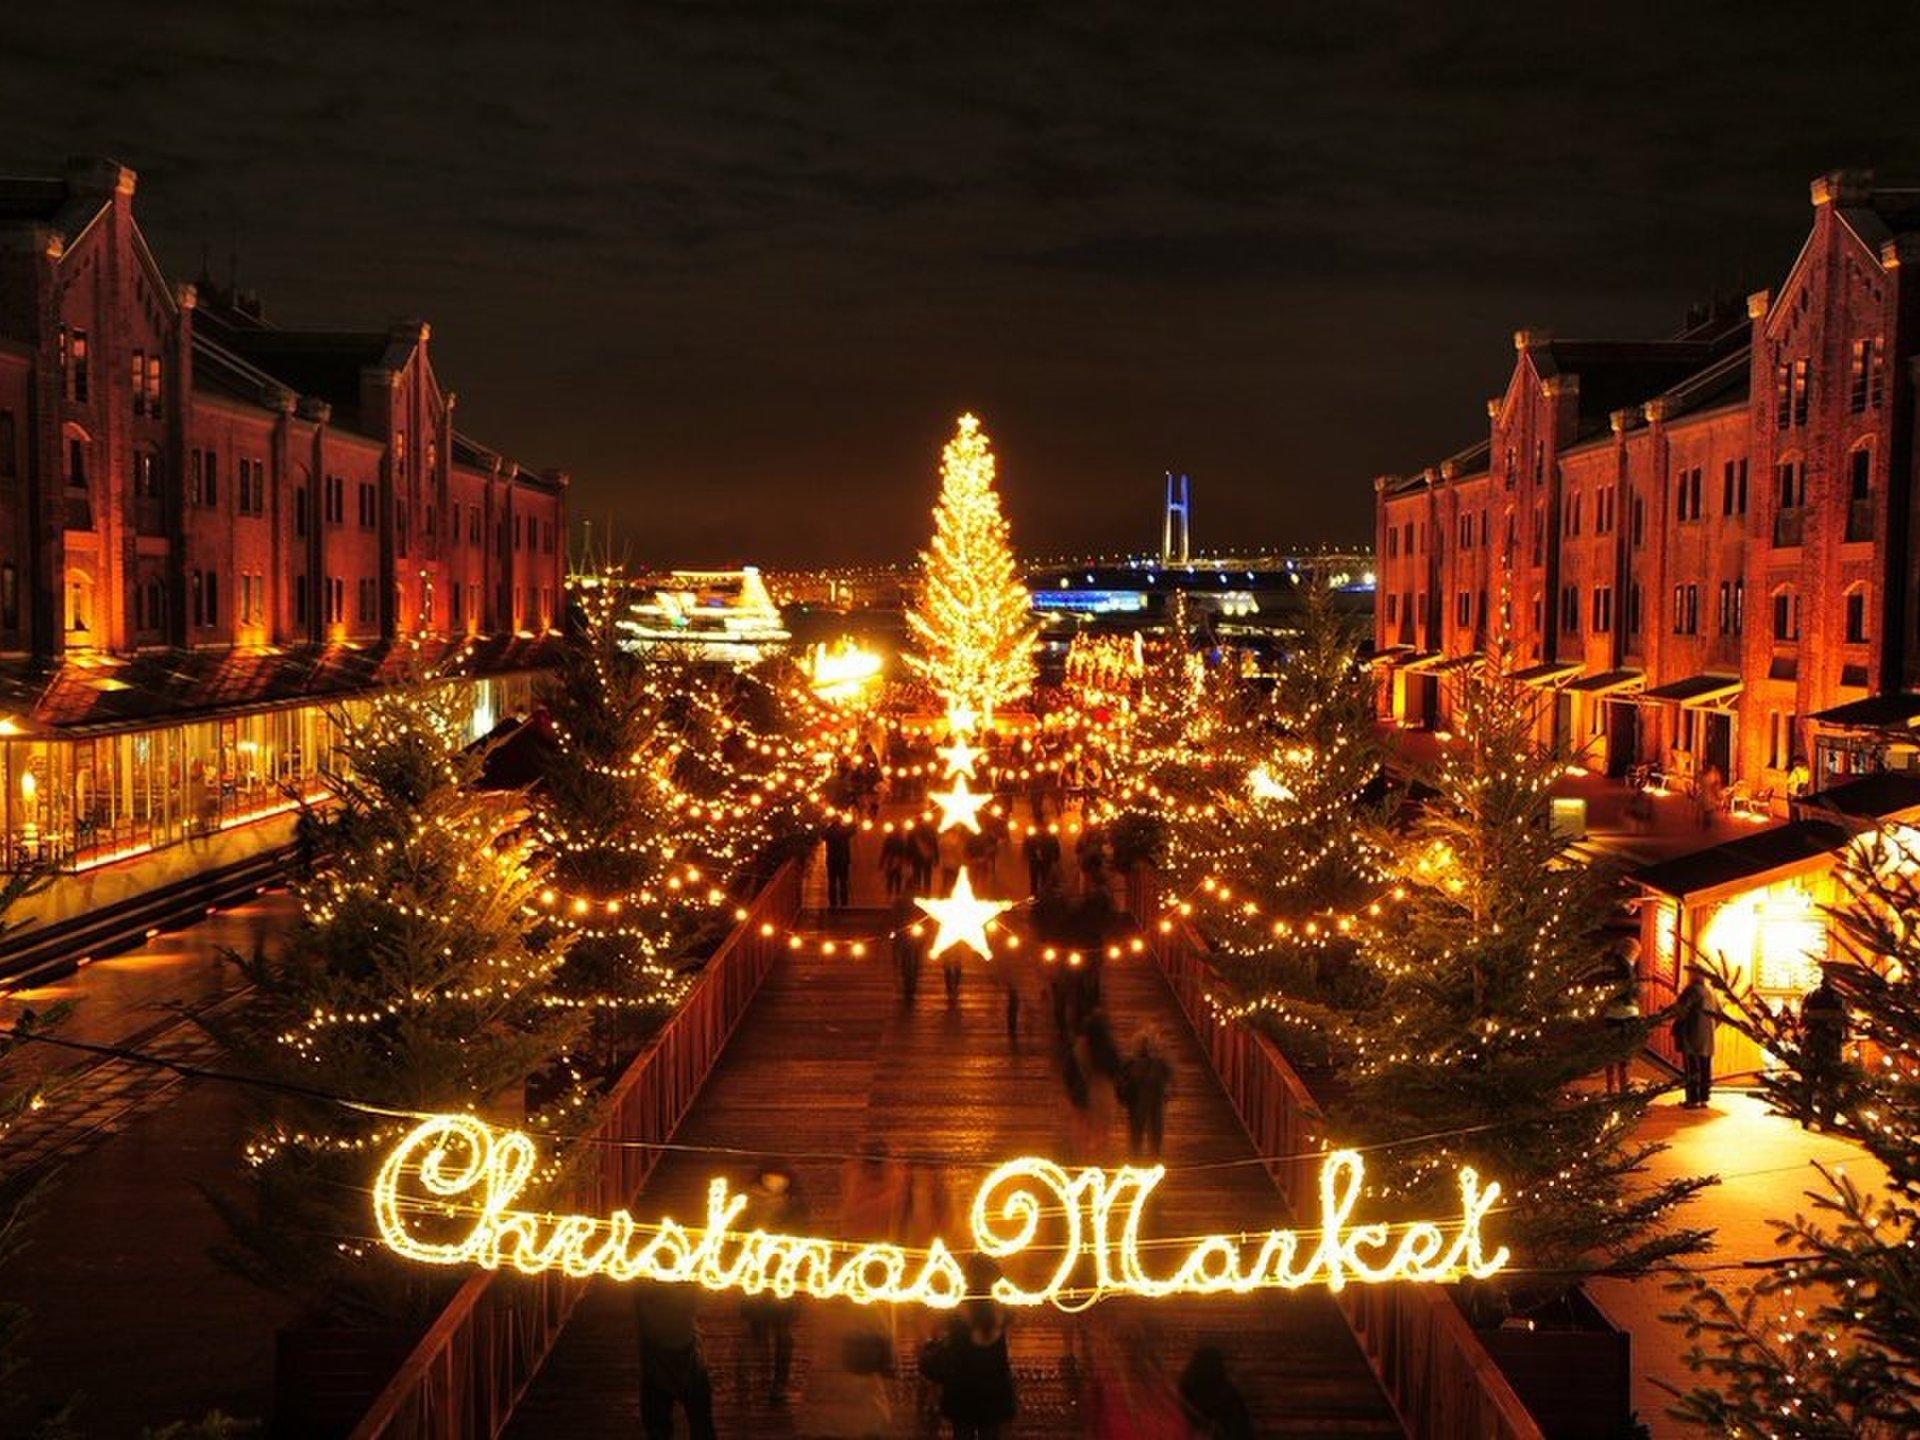 【イルミネーション×横浜】寒い日の夜は横浜赤レンガのクリスマスマーケットでほっこりデート♡